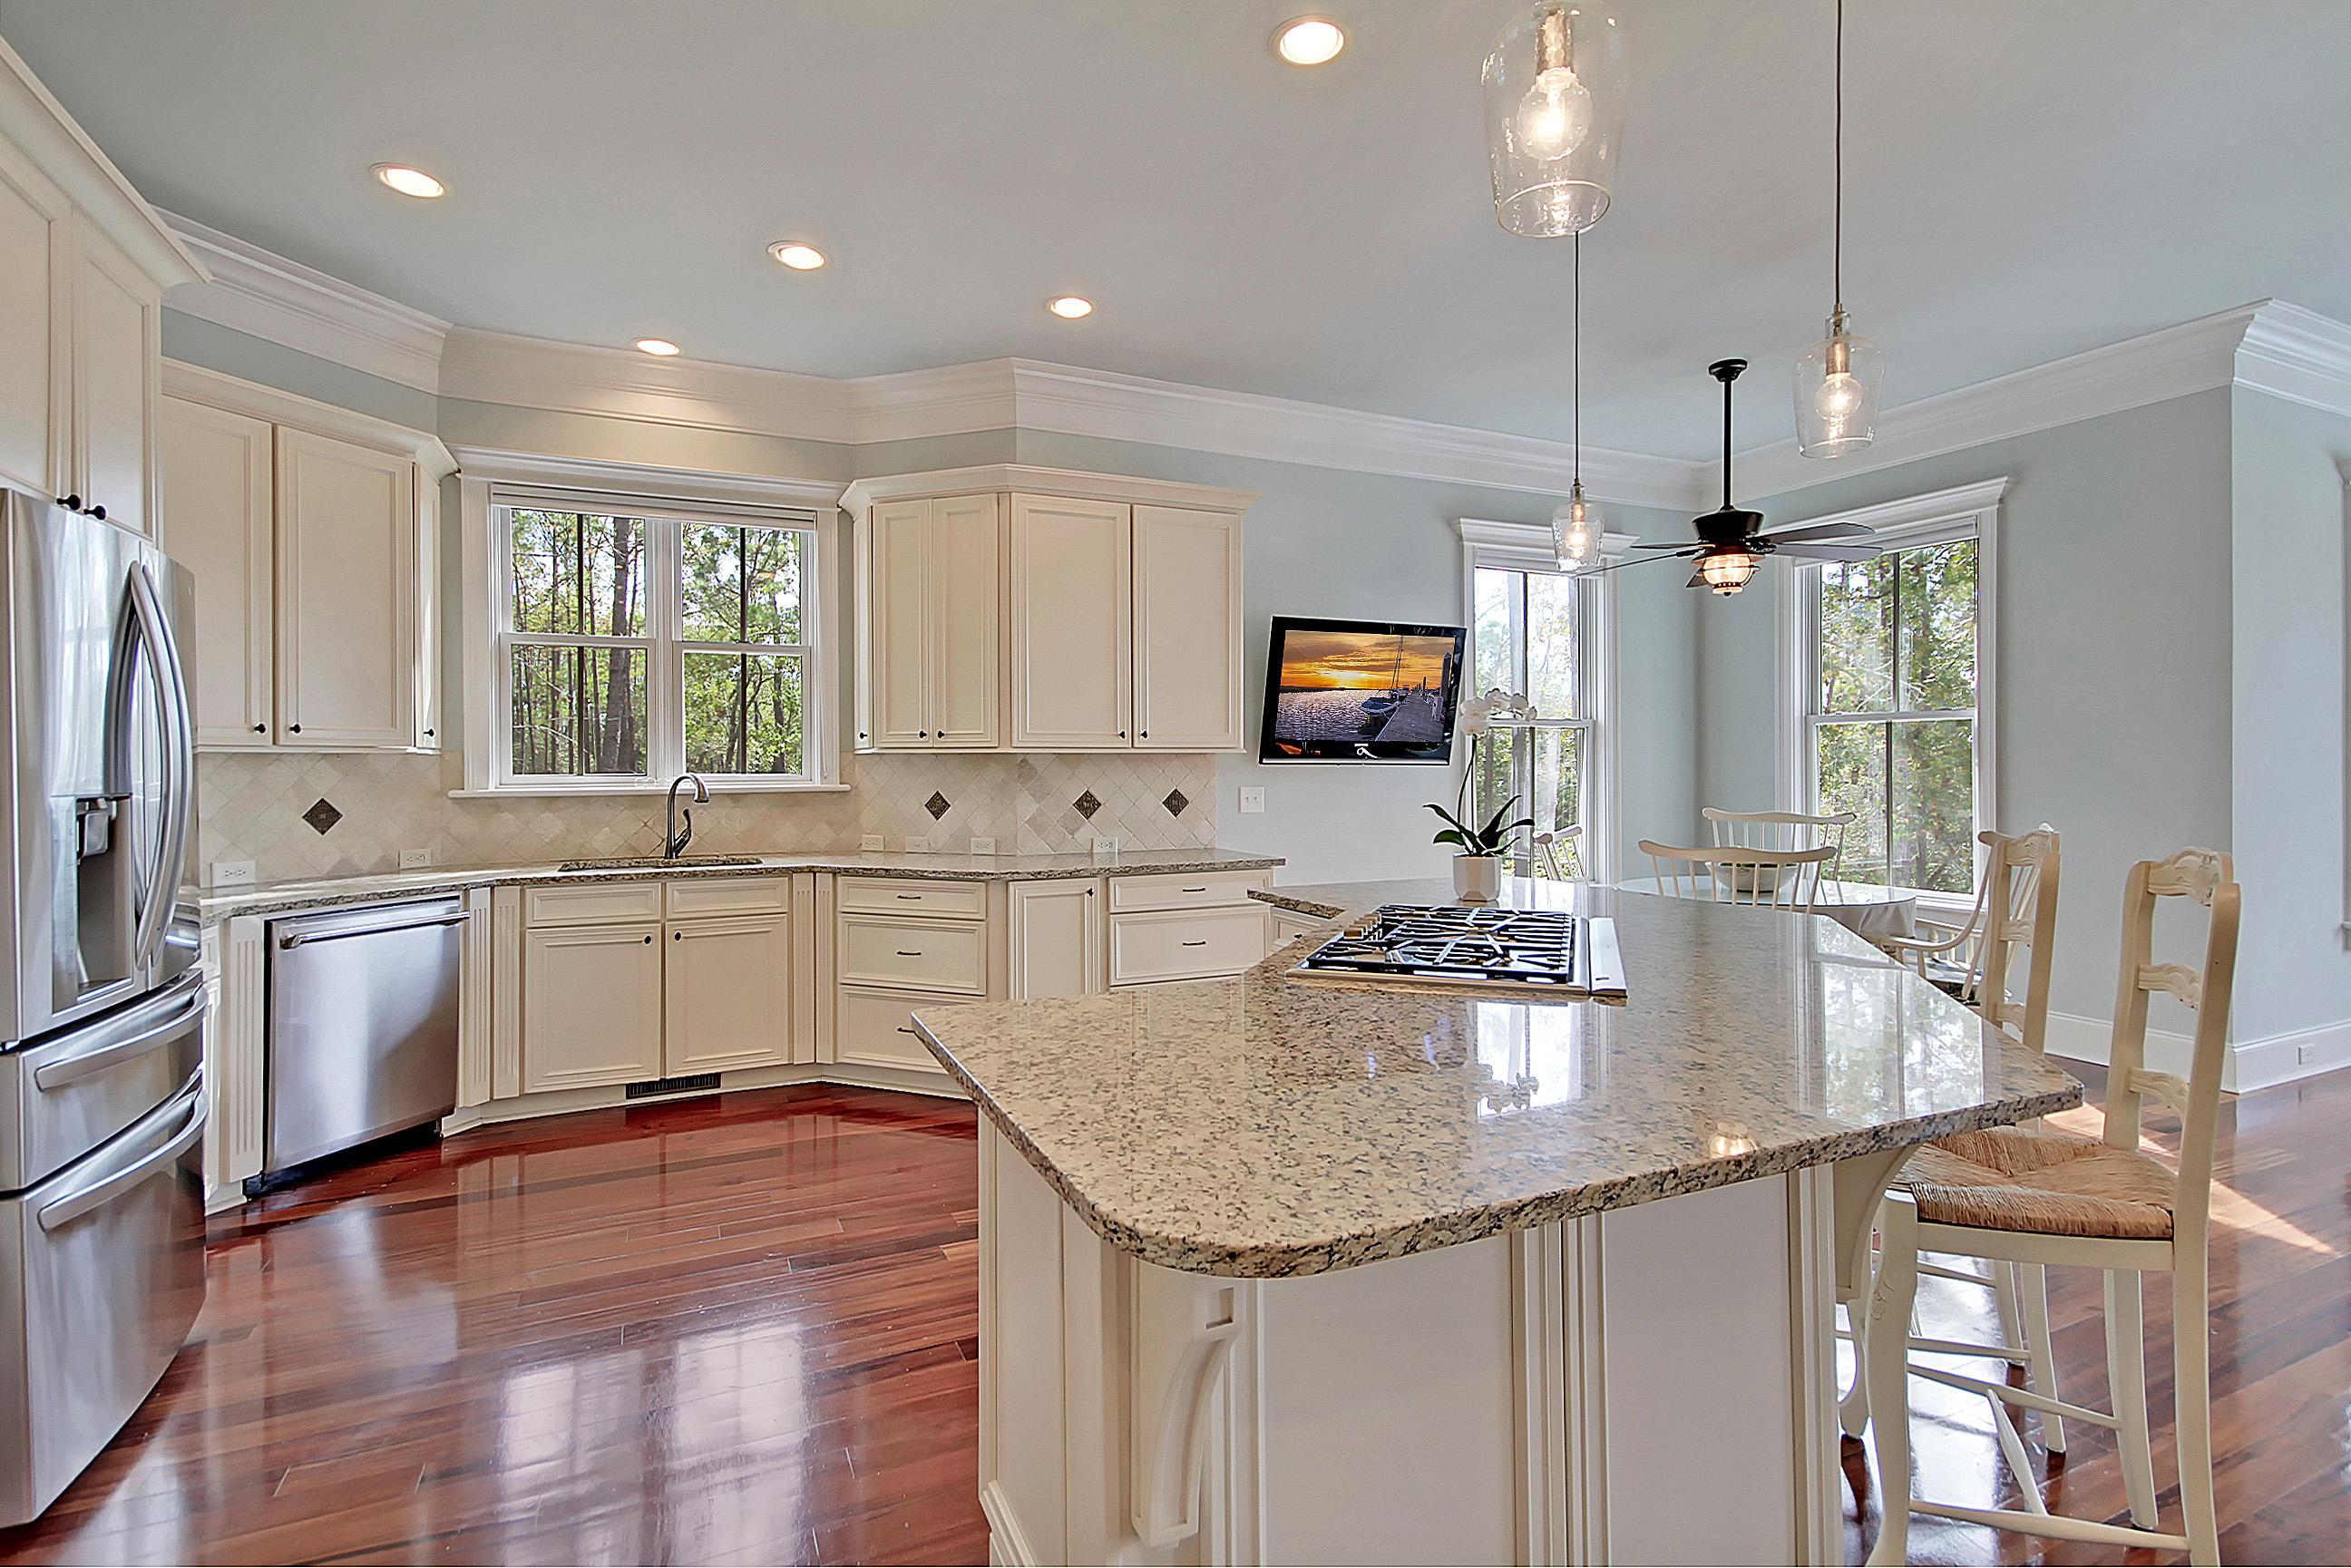 Park West Homes For Sale - 3940 Ashton Shore, Mount Pleasant, SC - 30